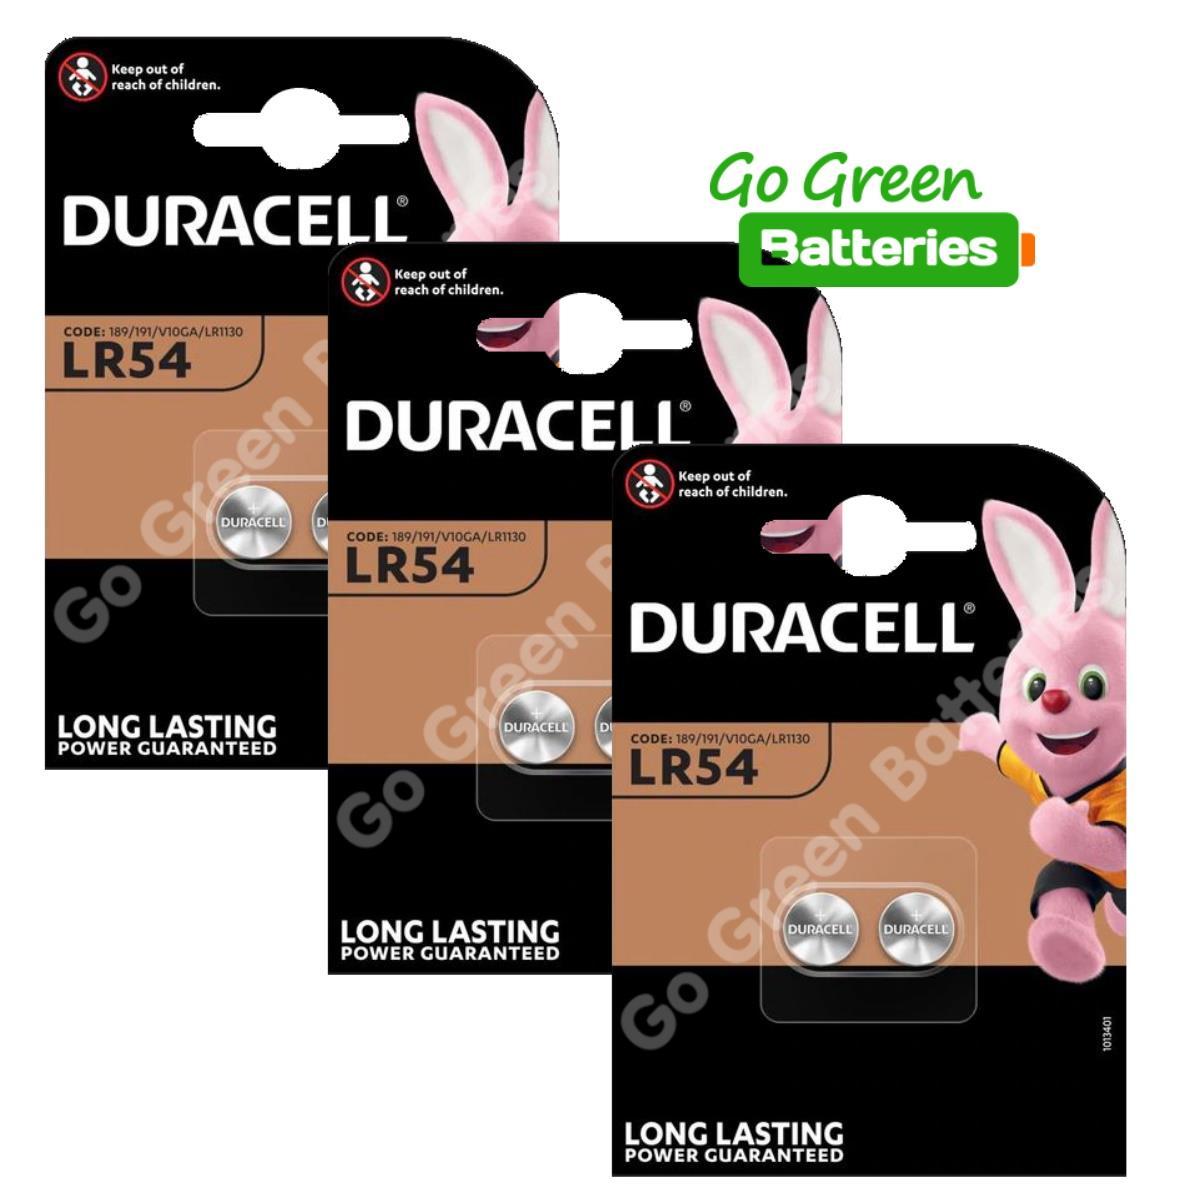 UK 6x Duracell LR54 1.5V Alkaline Battery 189 V10GA GP189 L1131 LR1130 Exp2023